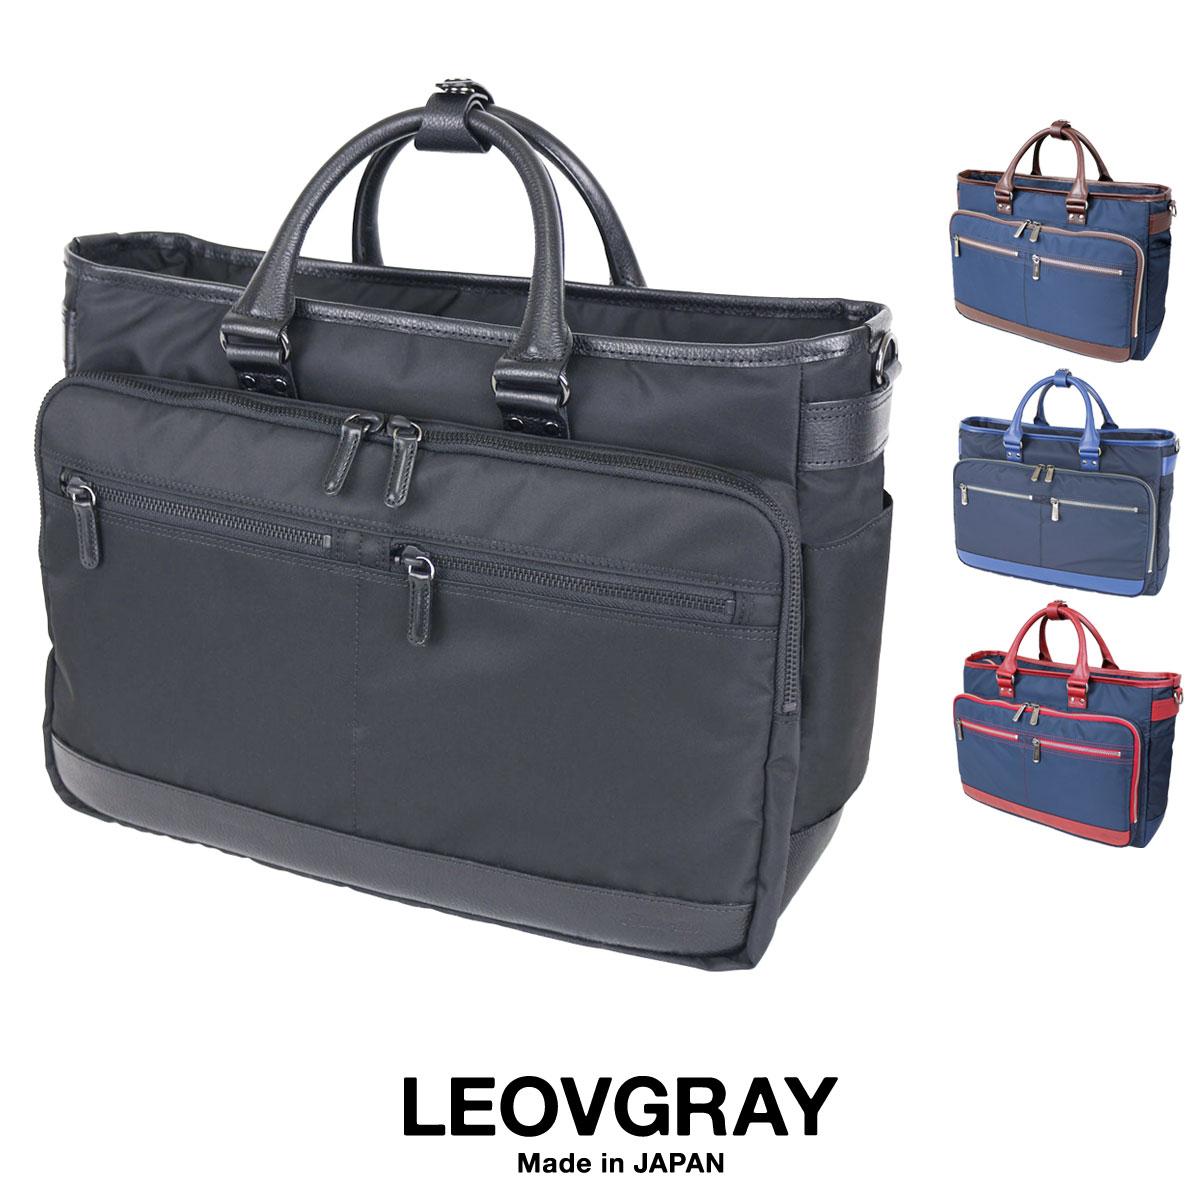 ビジネスバッグ LEOVGRAY(レオビグレイ)メイドインジャパン 新型/日本製×本革 2WAYセットアップトート【LG-14】